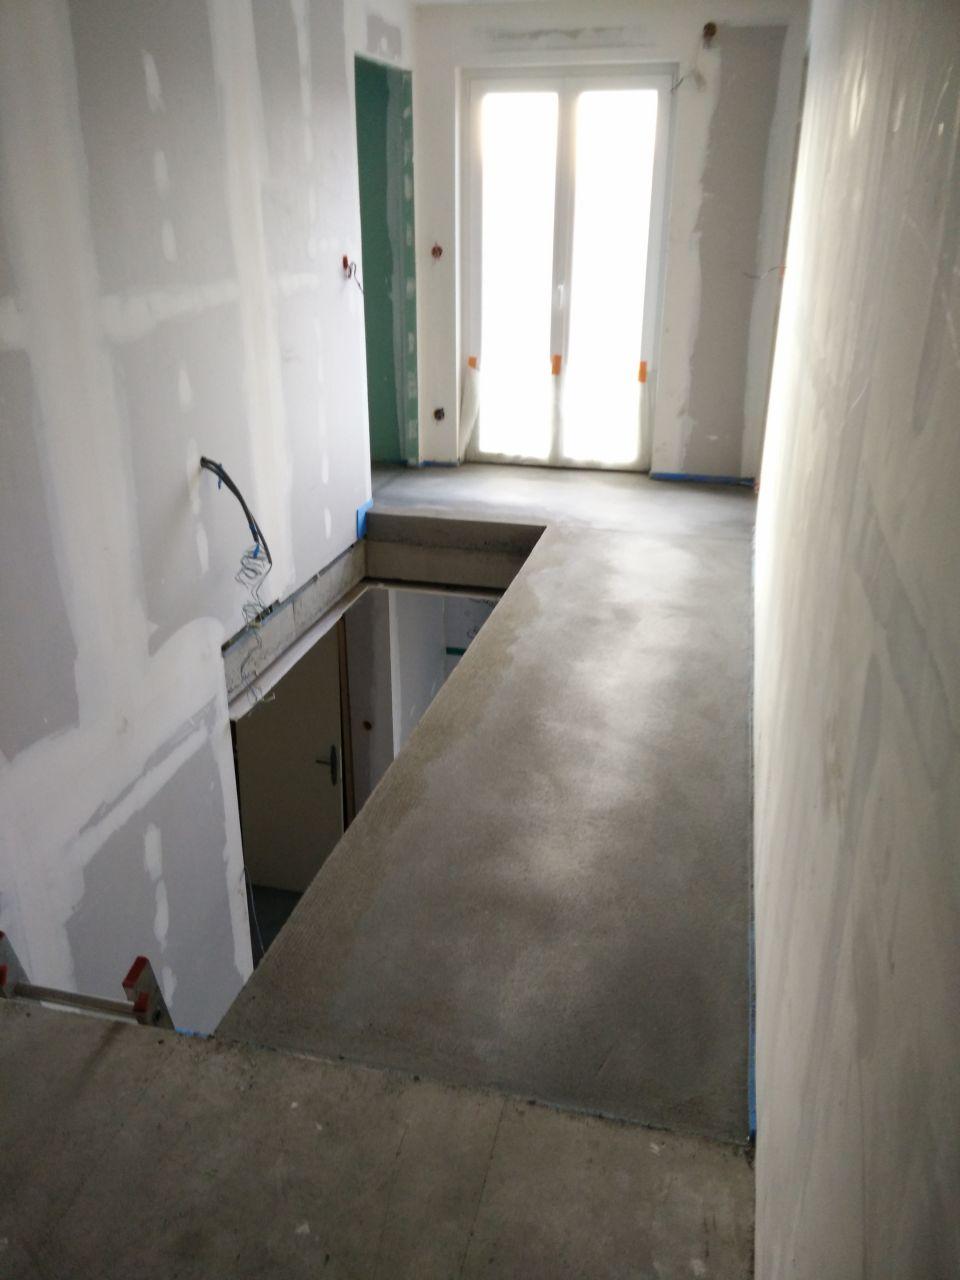 carrelage sol dans pi ce moiti sur plancher bois et sur plancher ma onn 11 messages. Black Bedroom Furniture Sets. Home Design Ideas